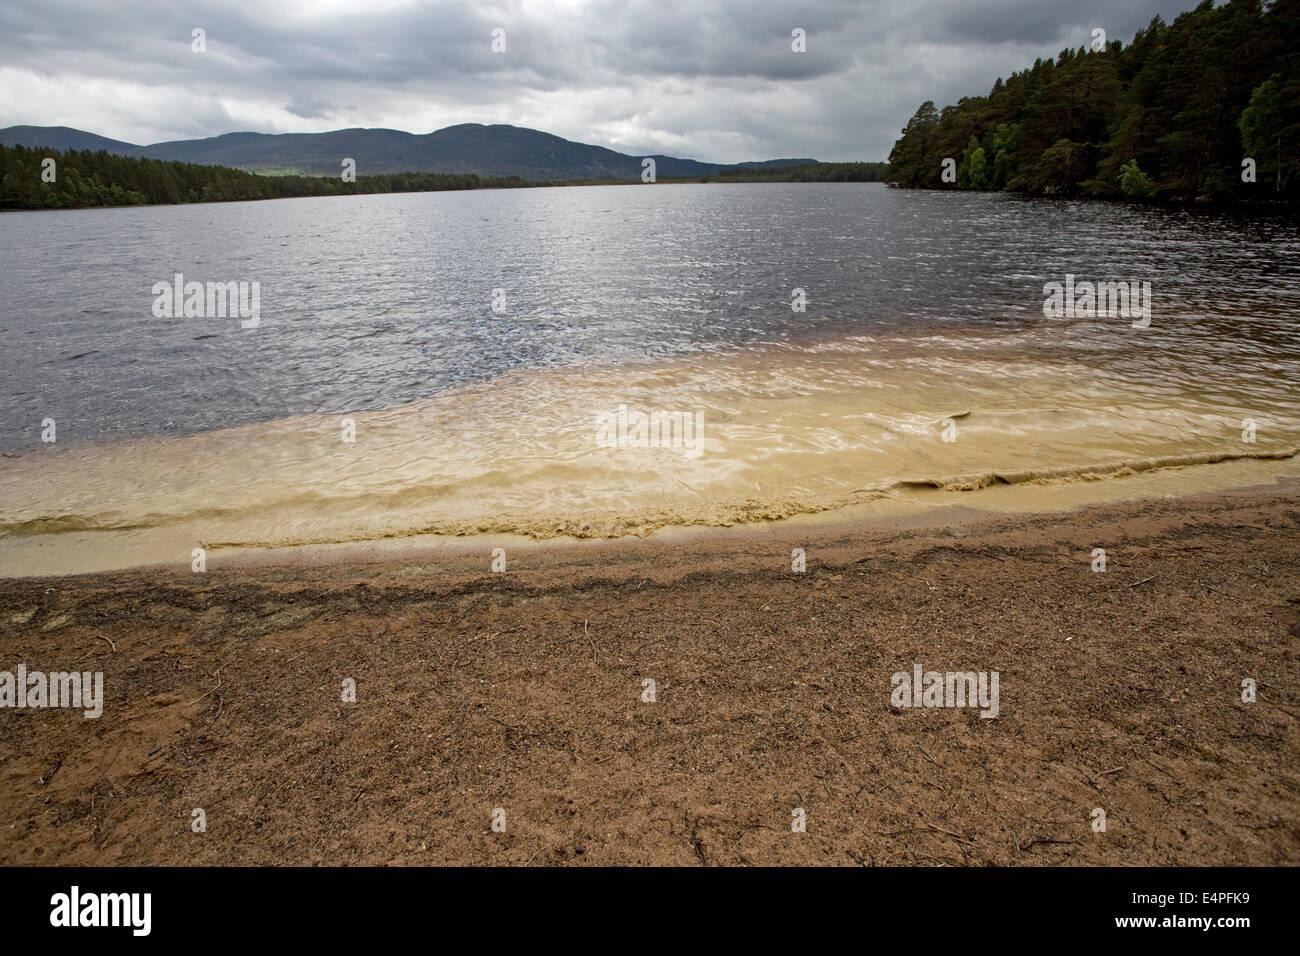 Couleur bleu-vert de la prolifération des algues phytoplanctoniques Abernethy National Nature Reserve Speyside Ecosse Inverness Loch Garten Banque D'Images